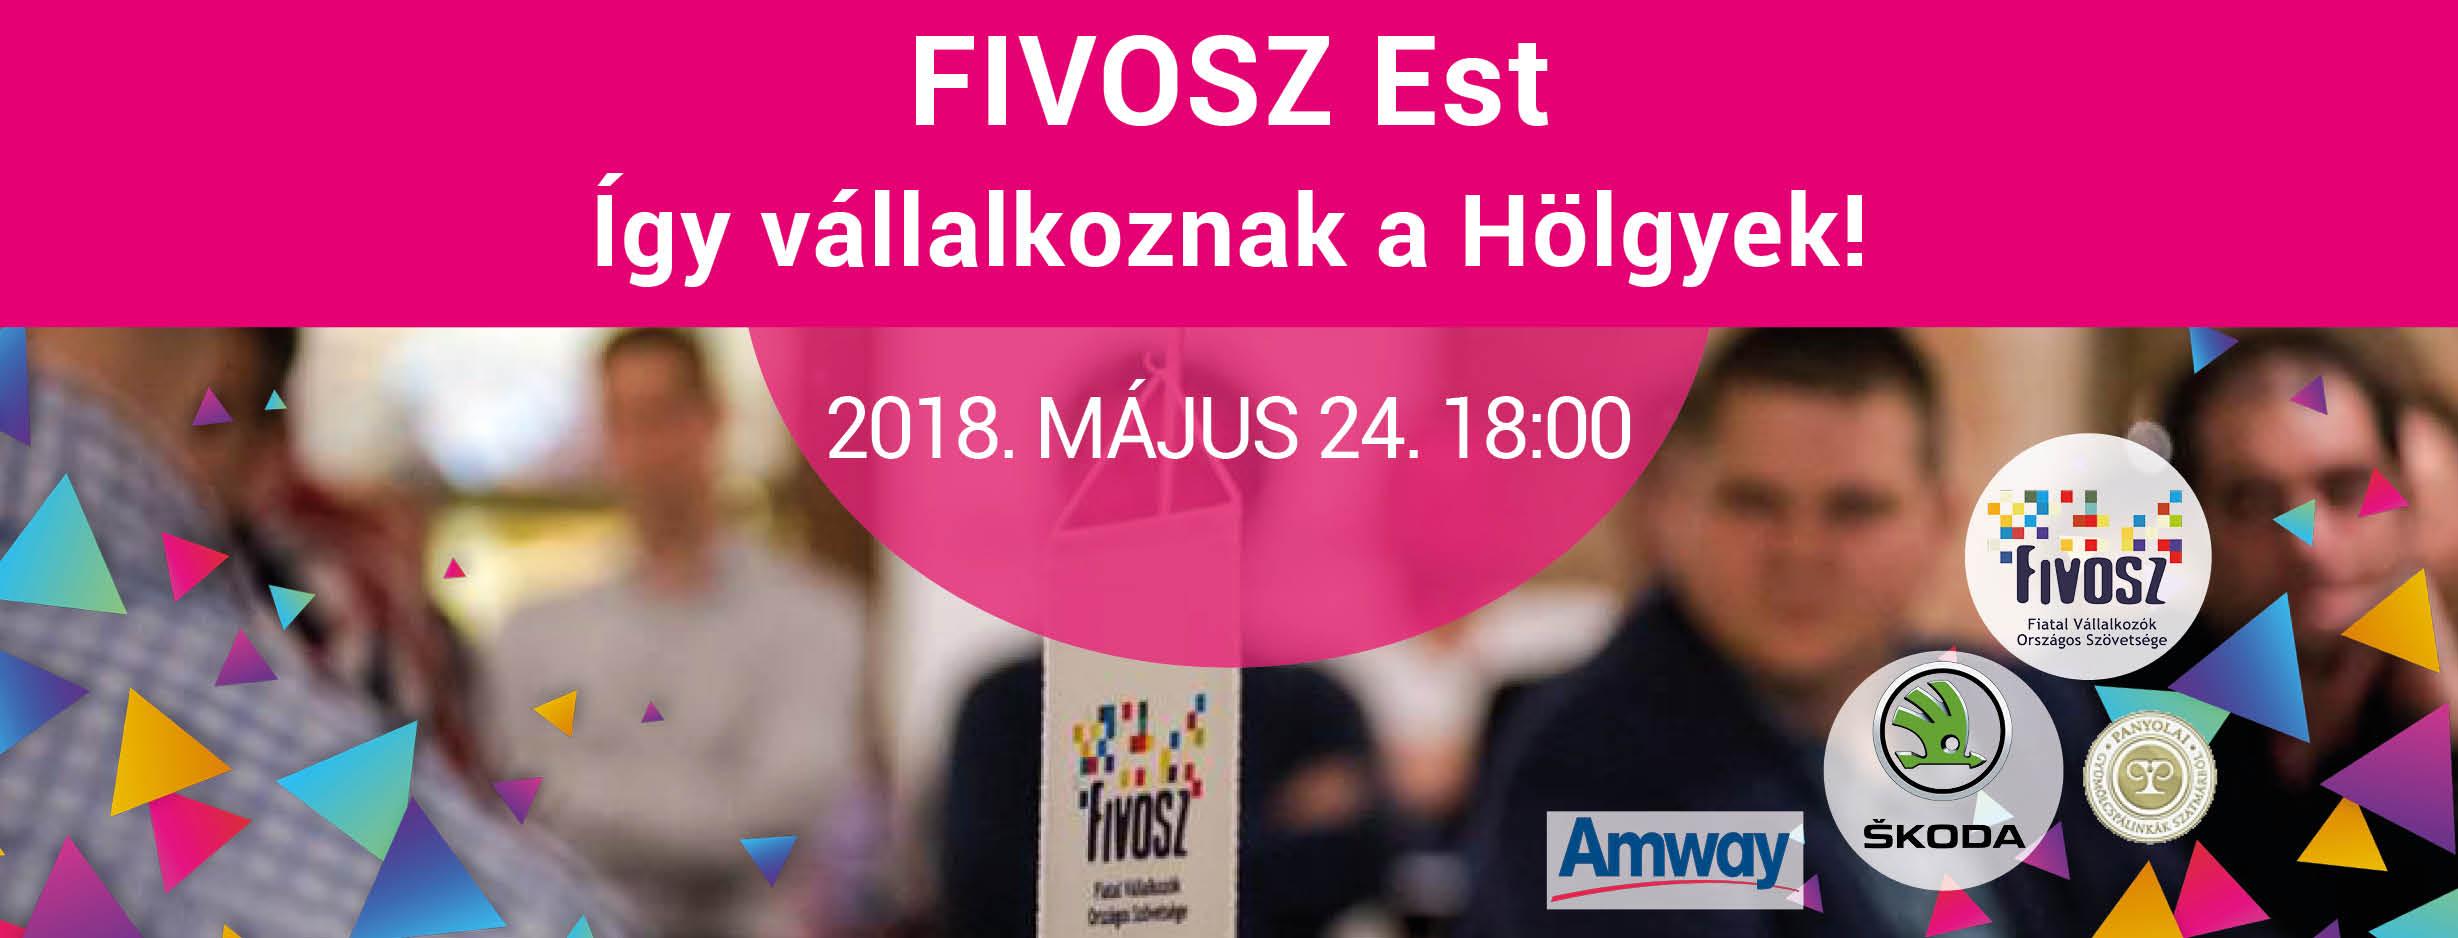 FIVOSZ Est Keresztes Ildikóval – Így vállalkoznak a Hölgyek! – május 24.